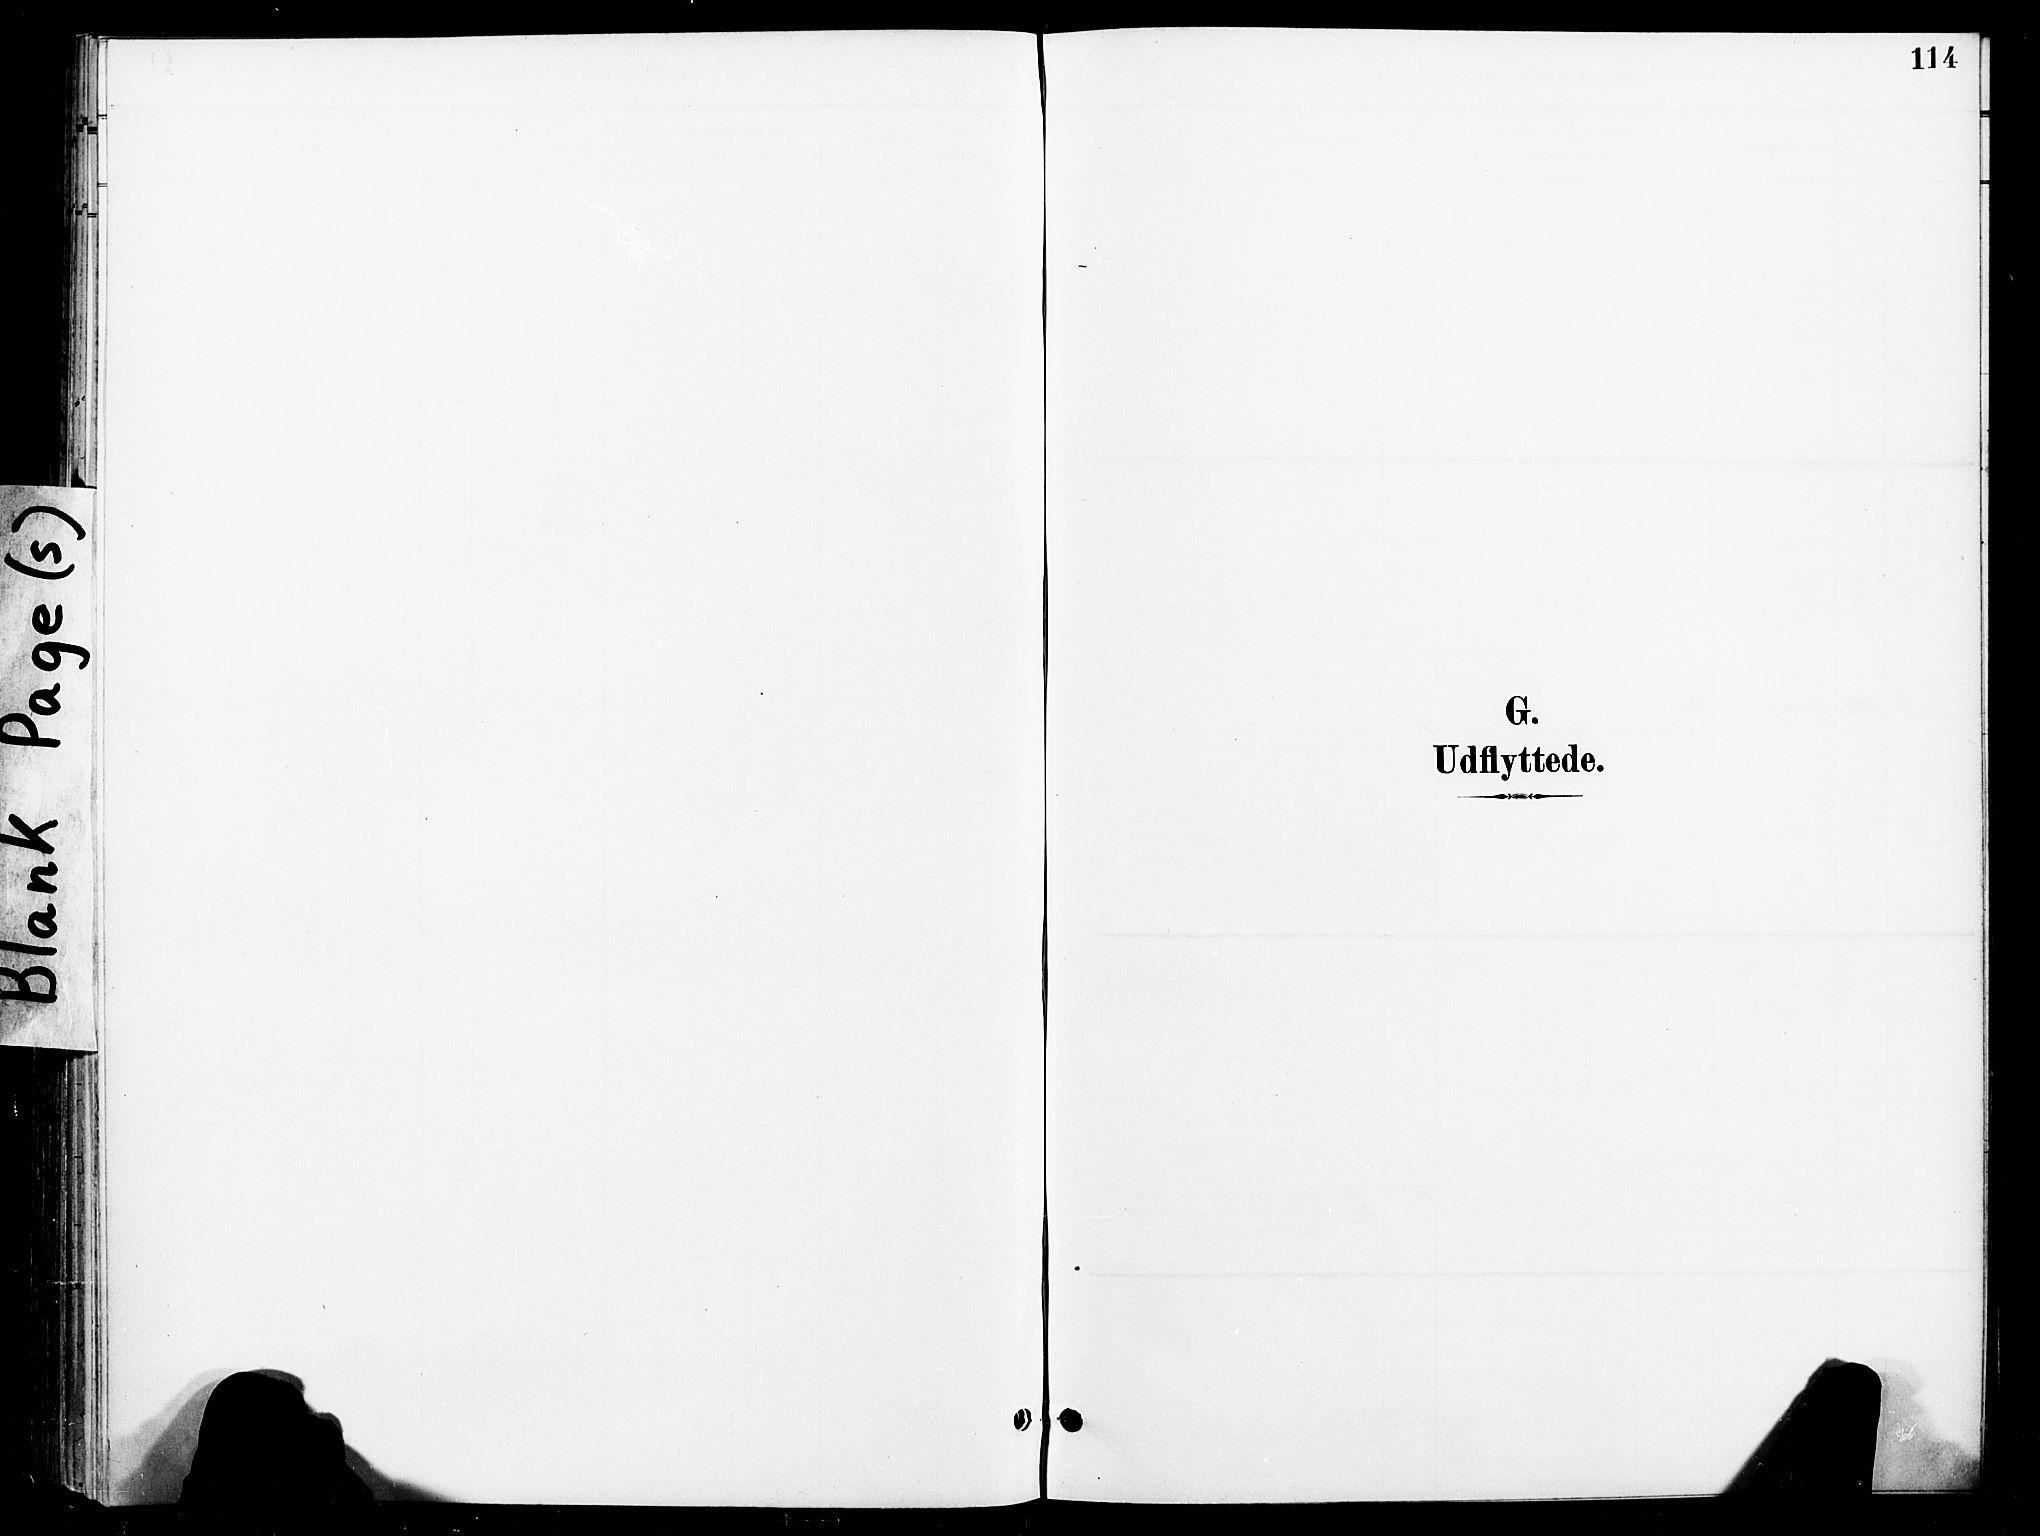 SAT, Ministerialprotokoller, klokkerbøker og fødselsregistre - Nord-Trøndelag, 740/L0379: Ministerialbok nr. 740A02, 1895-1907, s. 114